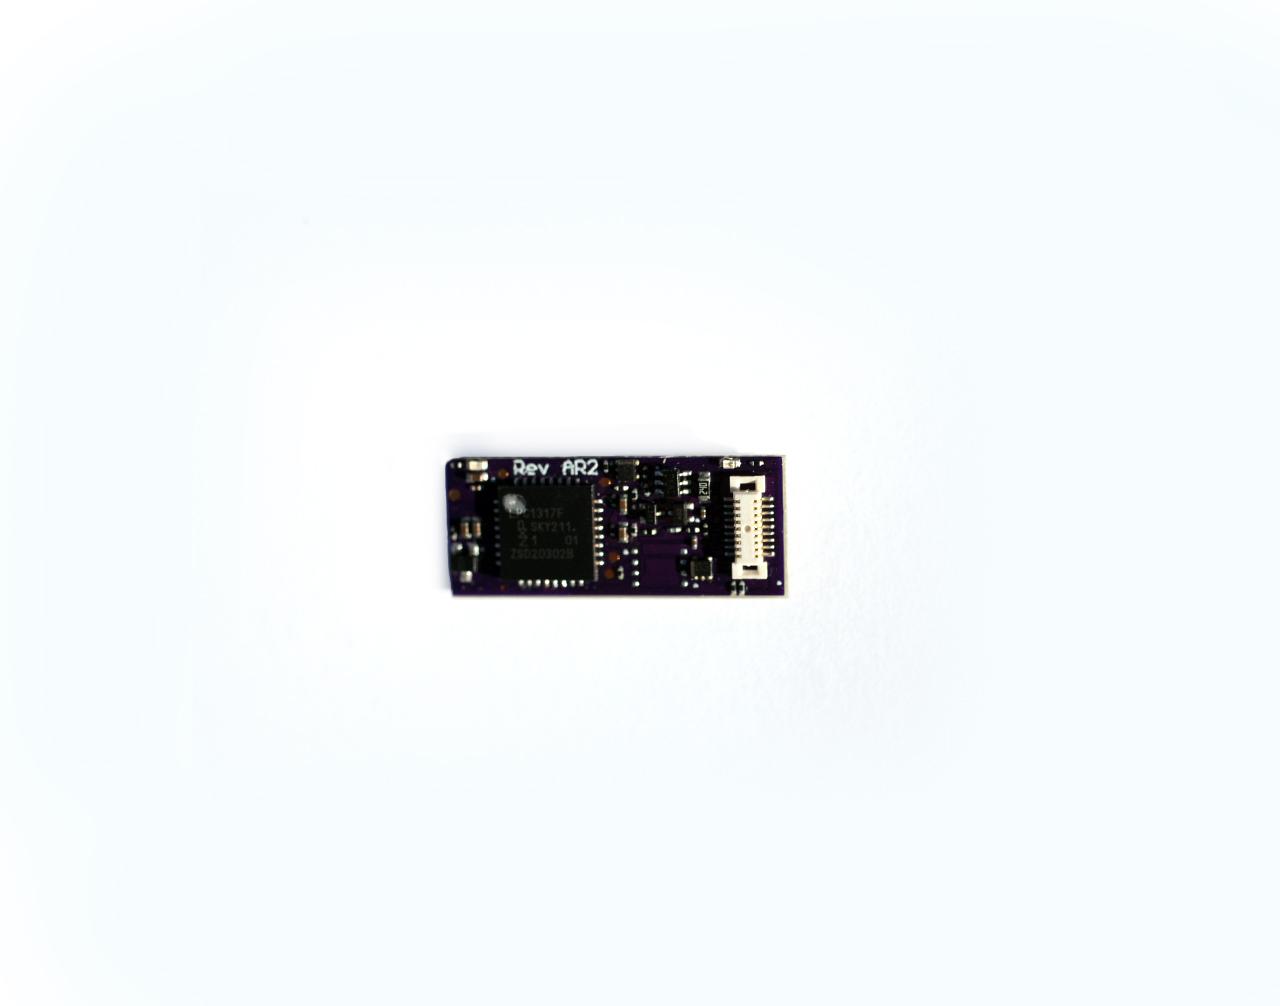 Soundtraxx 885026 - HO & N Scale TSU-N18 Tsunami2 Sound Decoder for EMD Diesels